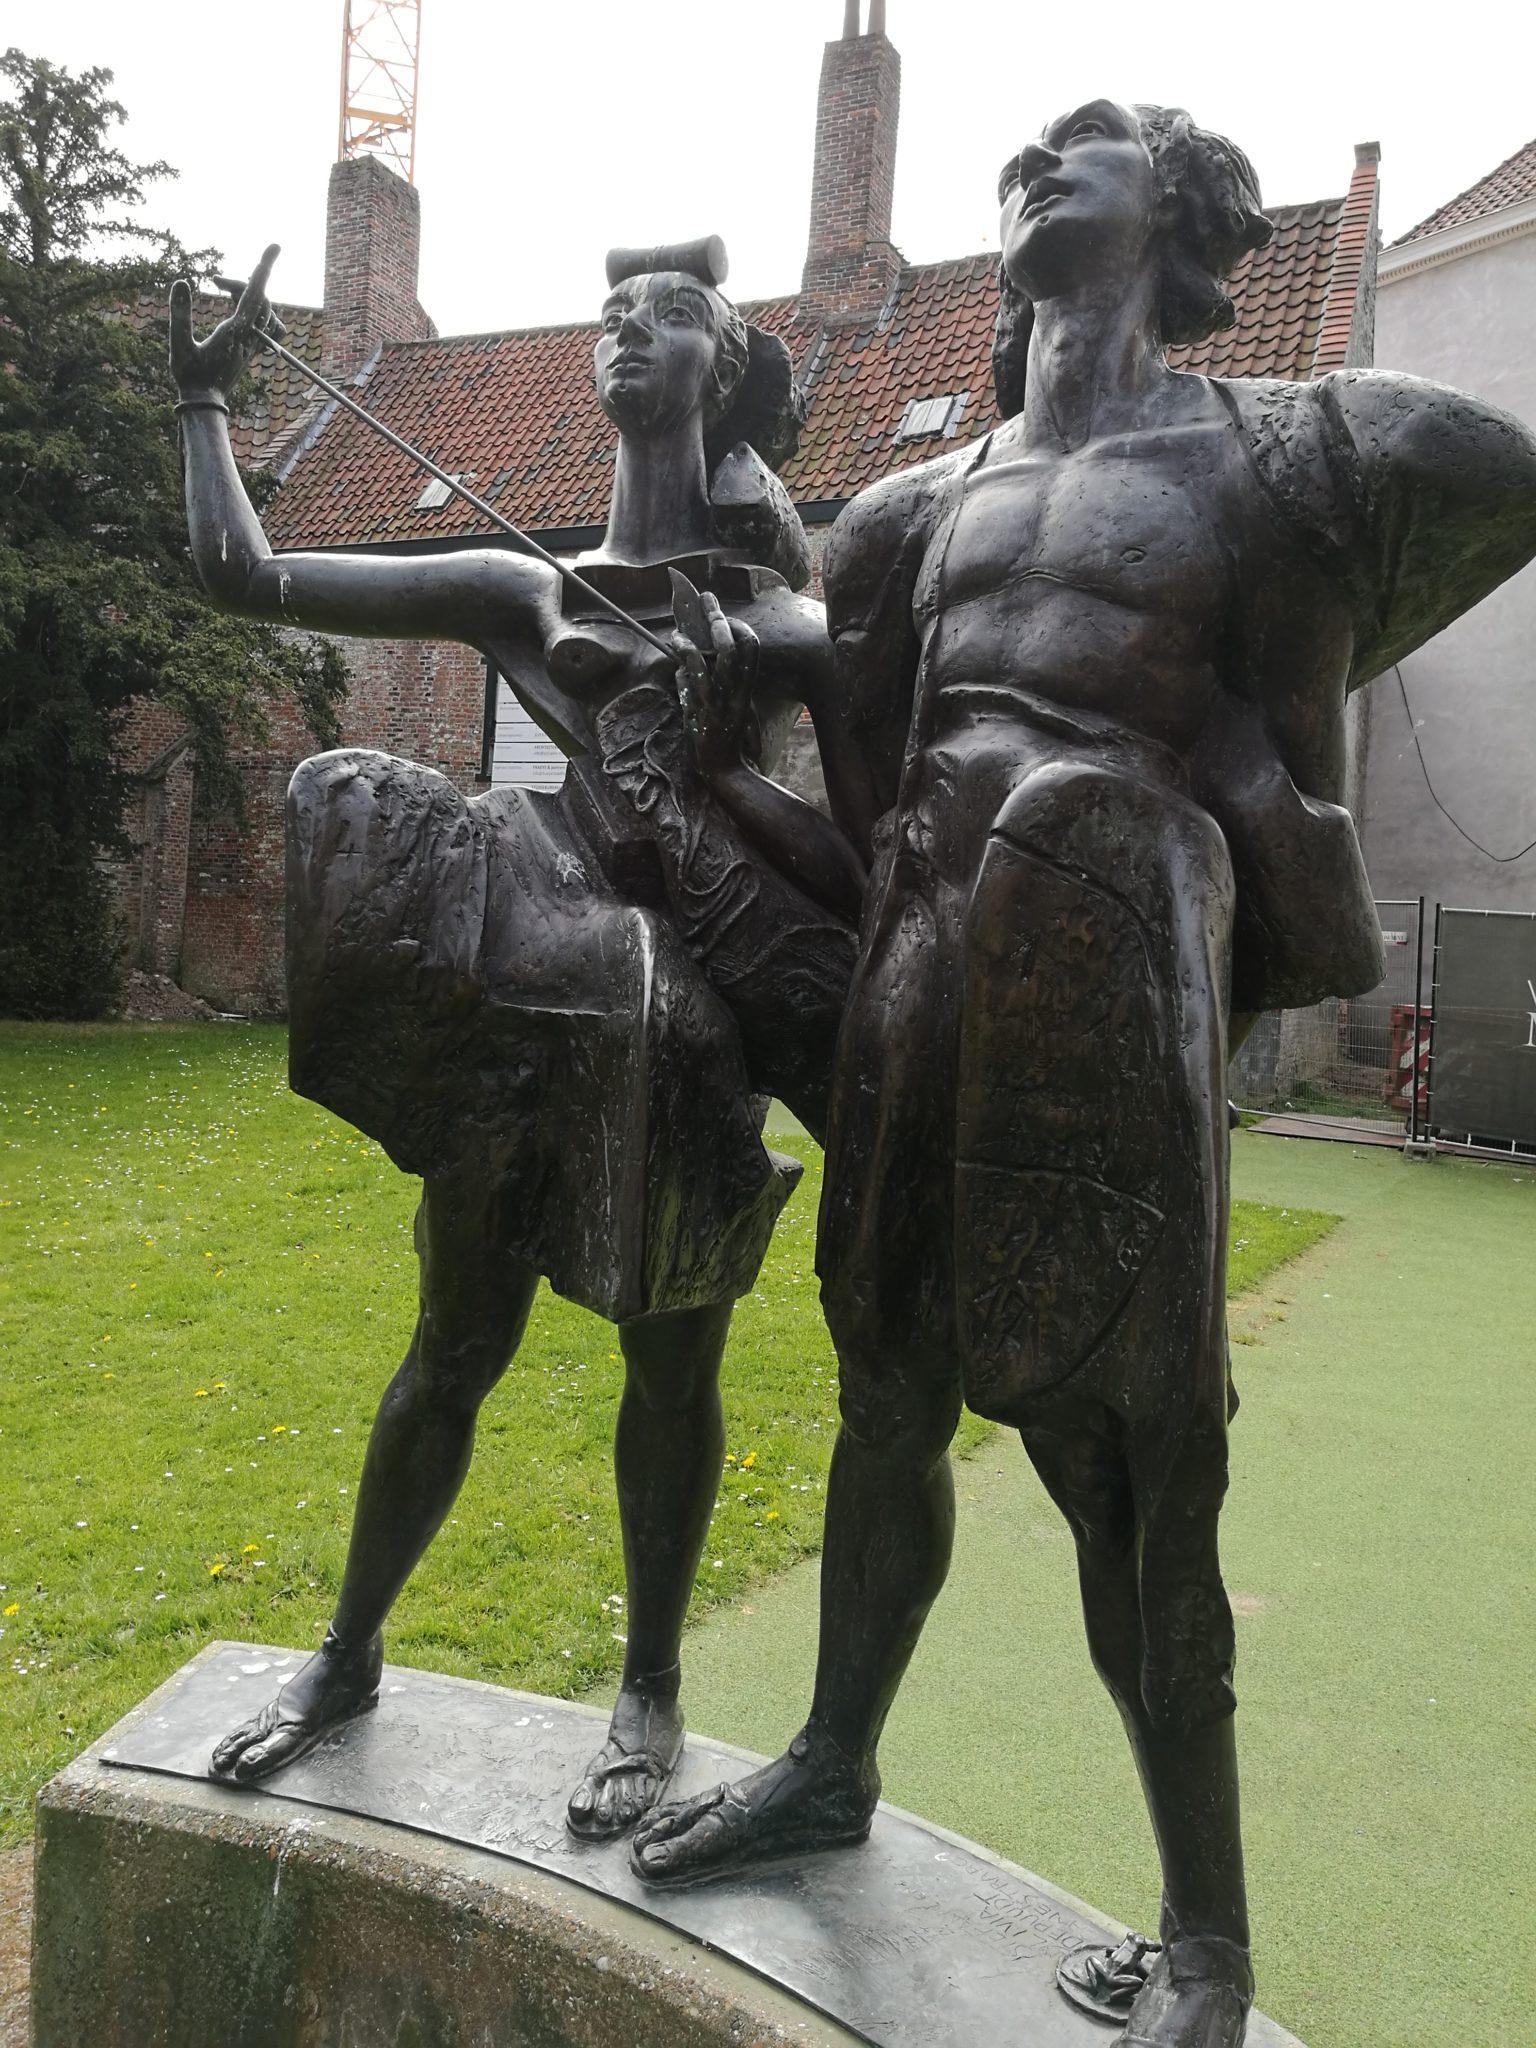 Pomnik przed kościołem Onze-Lieve-Vrouwwekerk w Kortrijk